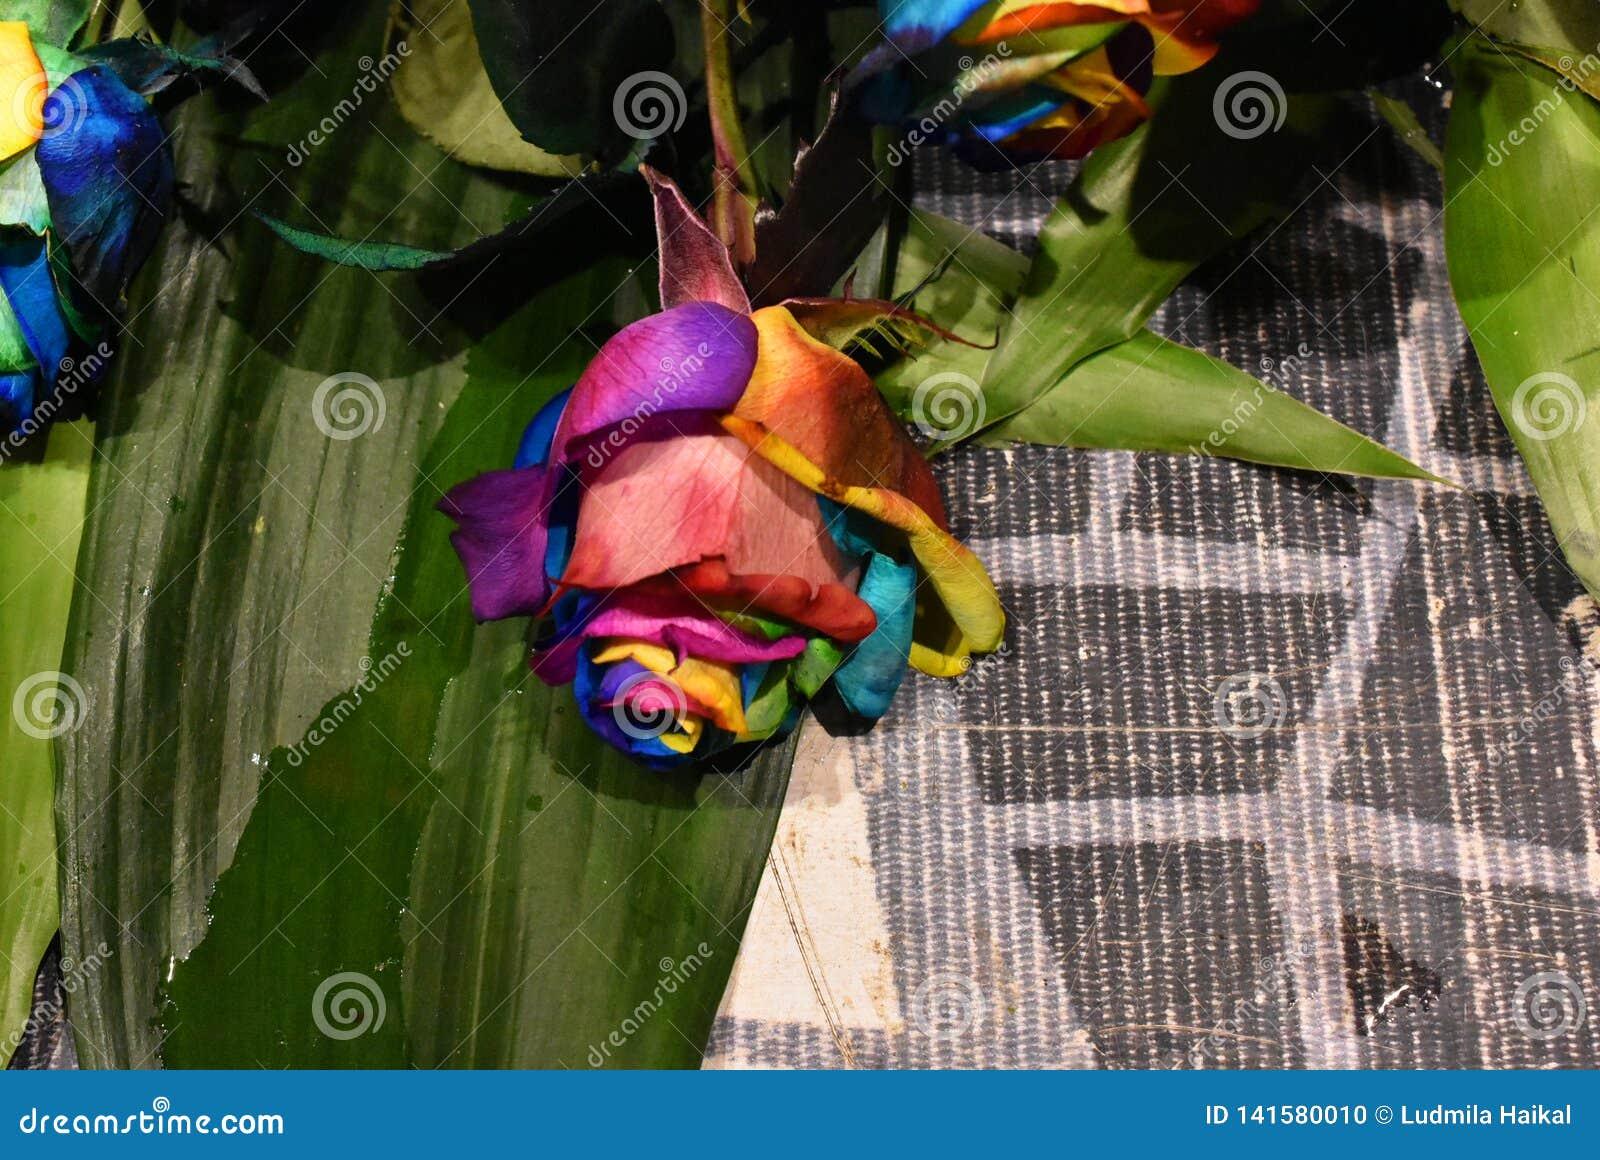 Nam installatie, multicolored bloem van Holambra Brazilië toe